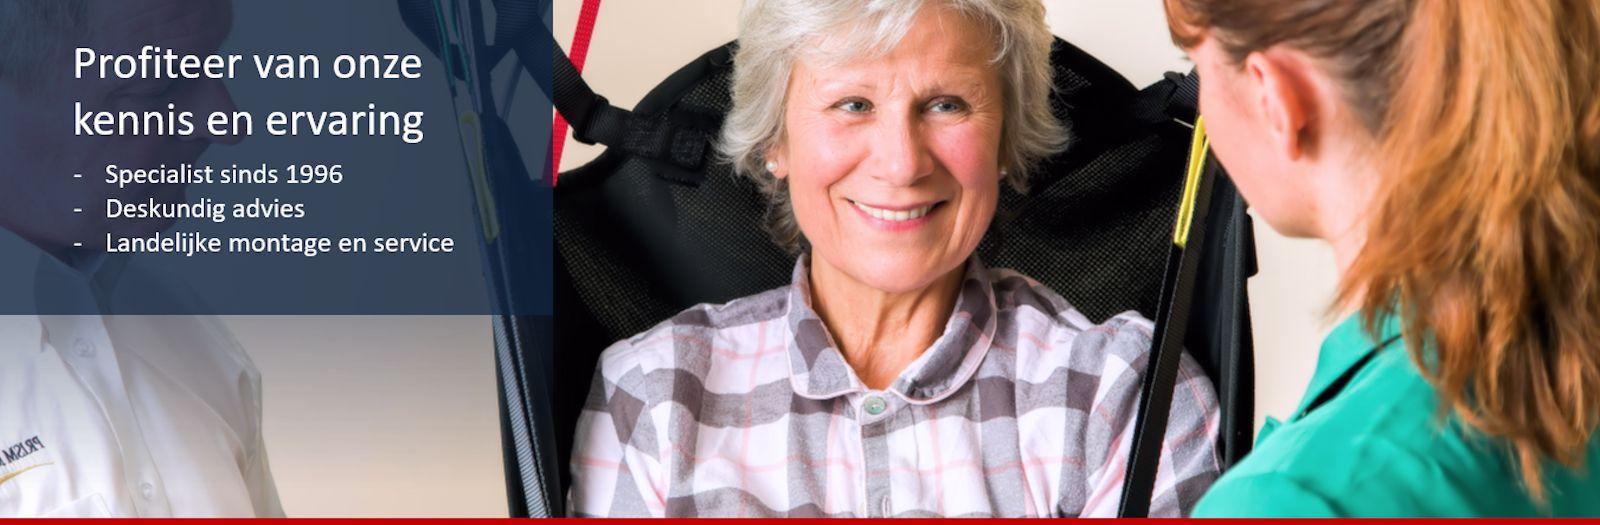 plafondlift-senior-dame-in-tilband_2-1600x525